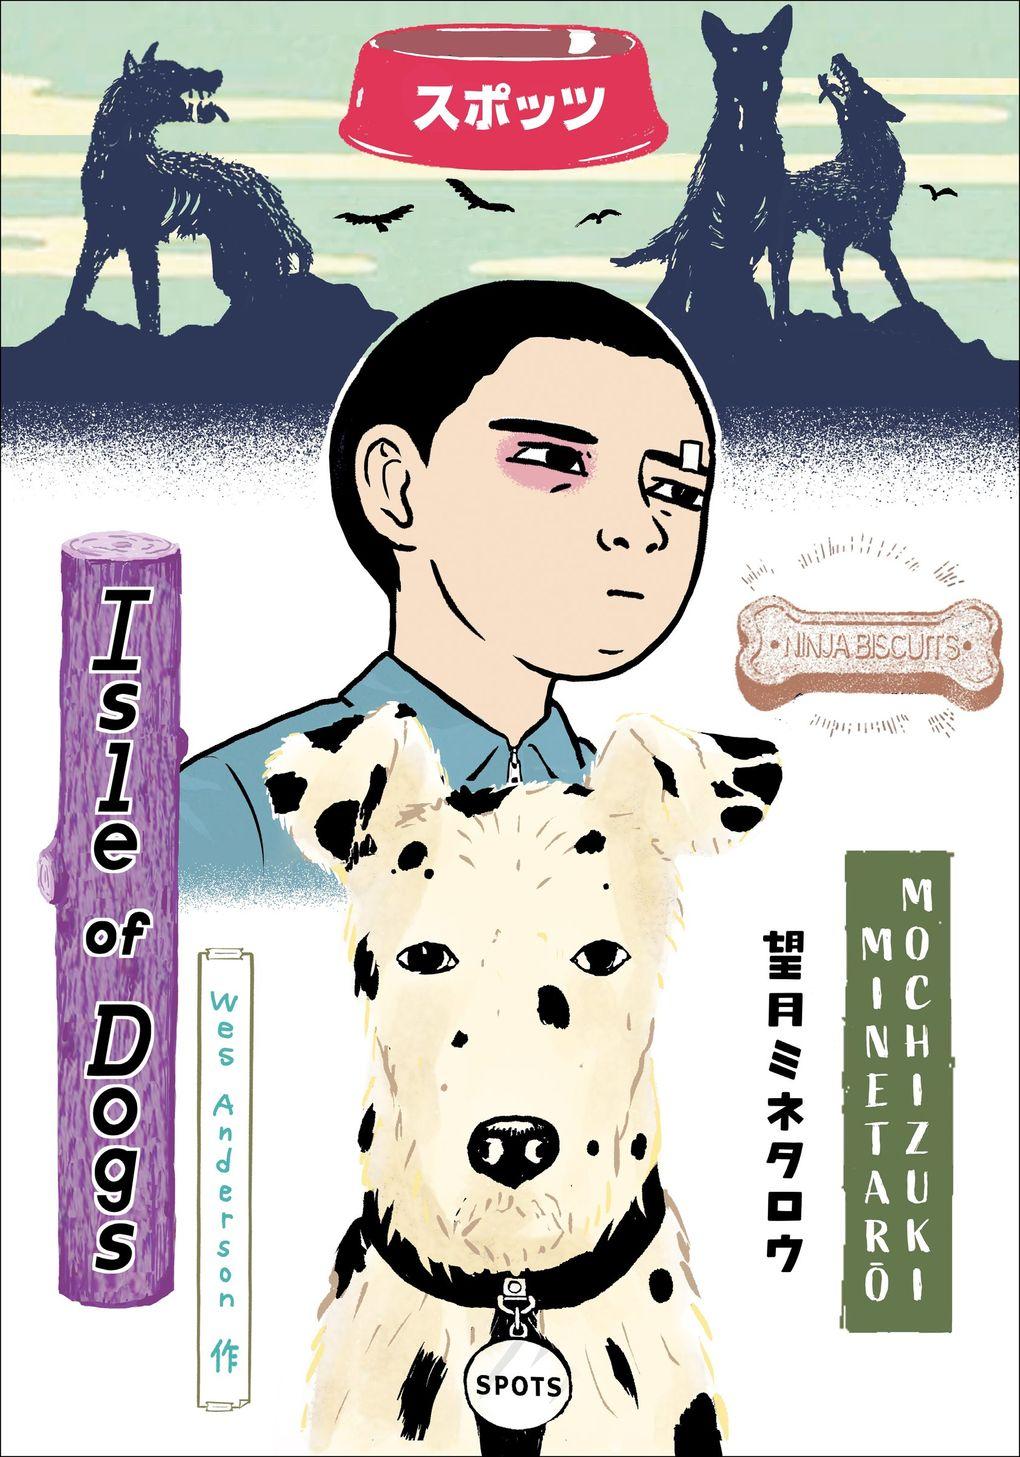 """""""Isle of Dogs"""" by Minetaro Mochizuki. (Penguin Random House)"""